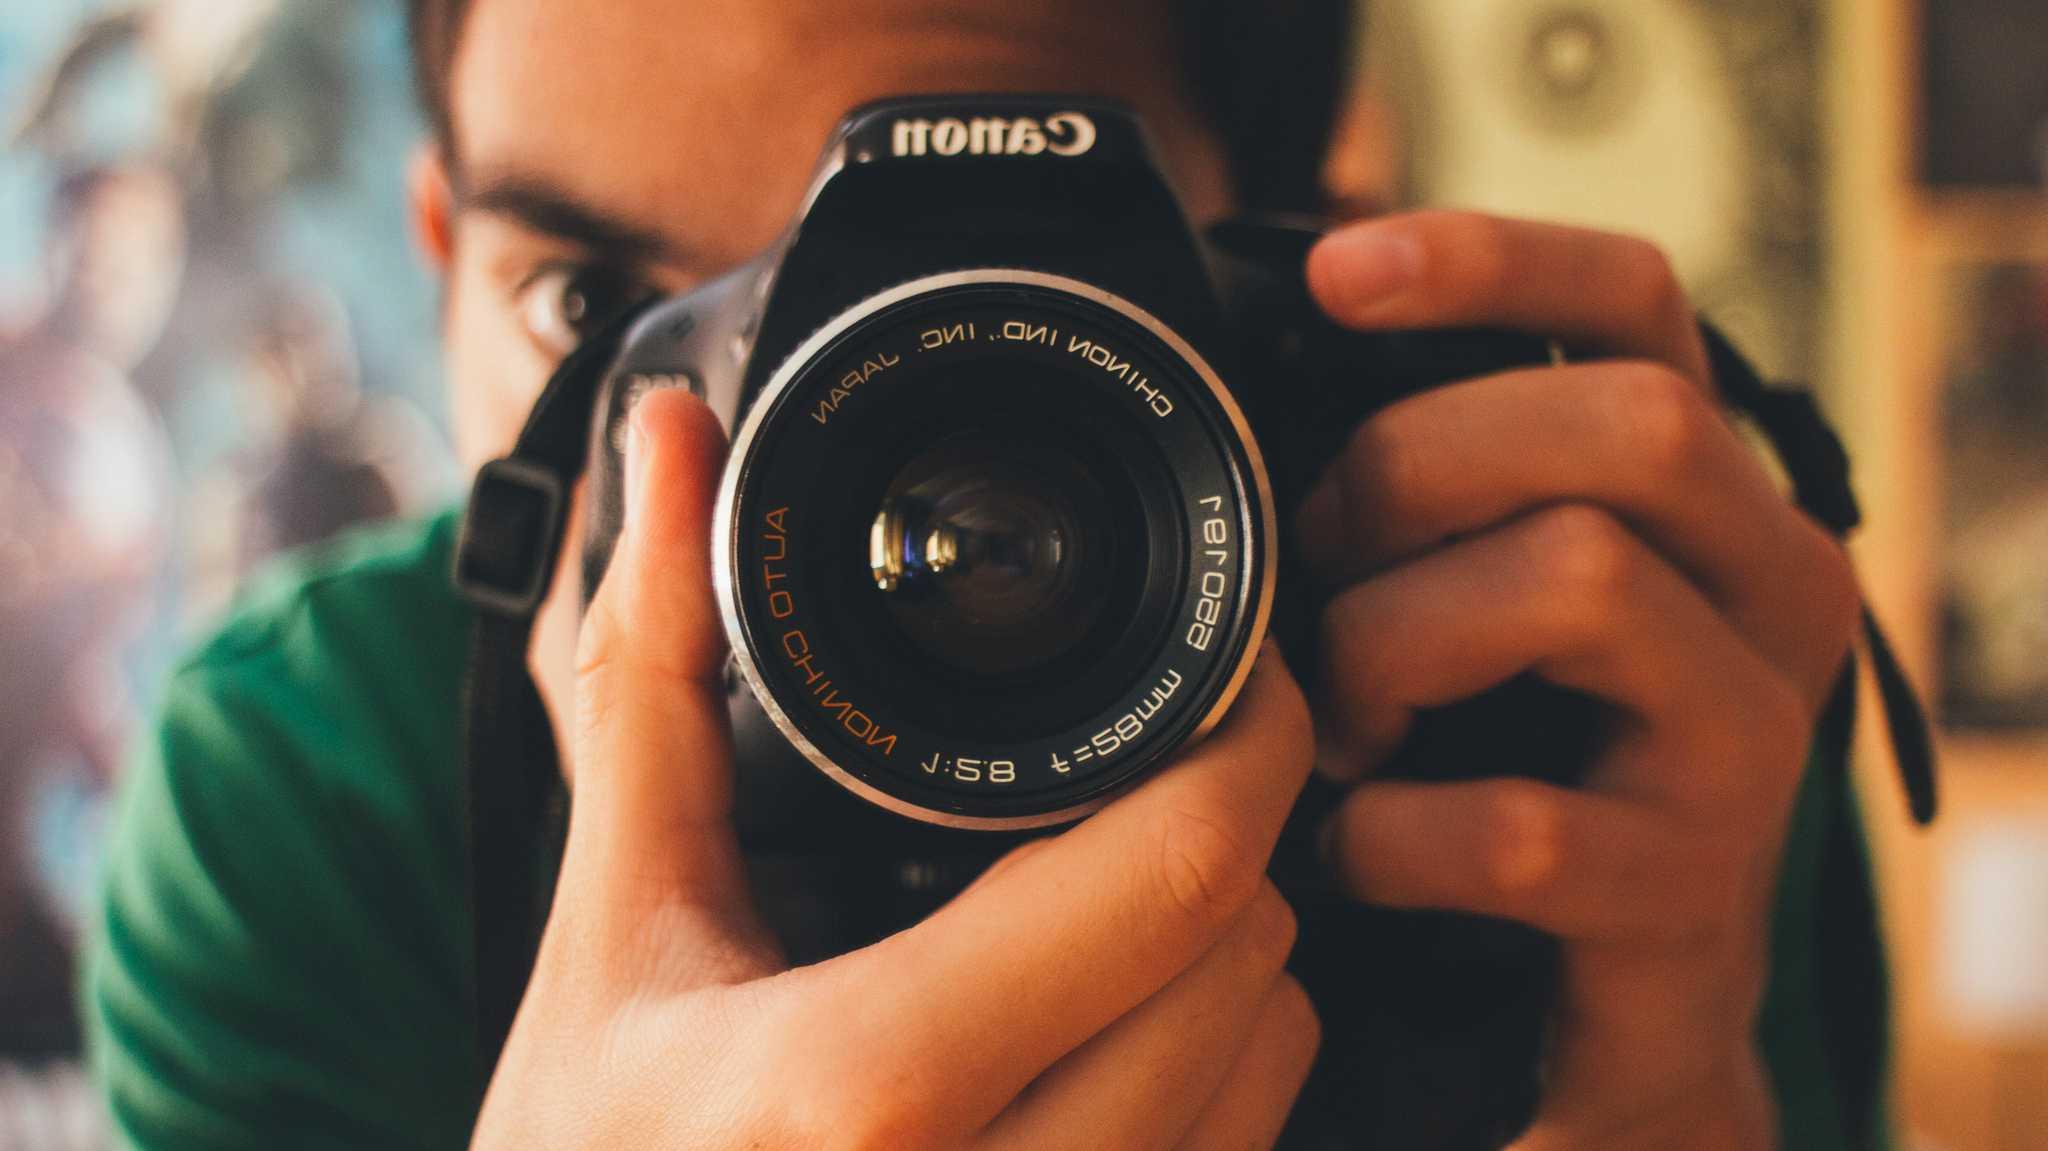 CC-Fotos in Flickr-Konten von Limit unbetroffen